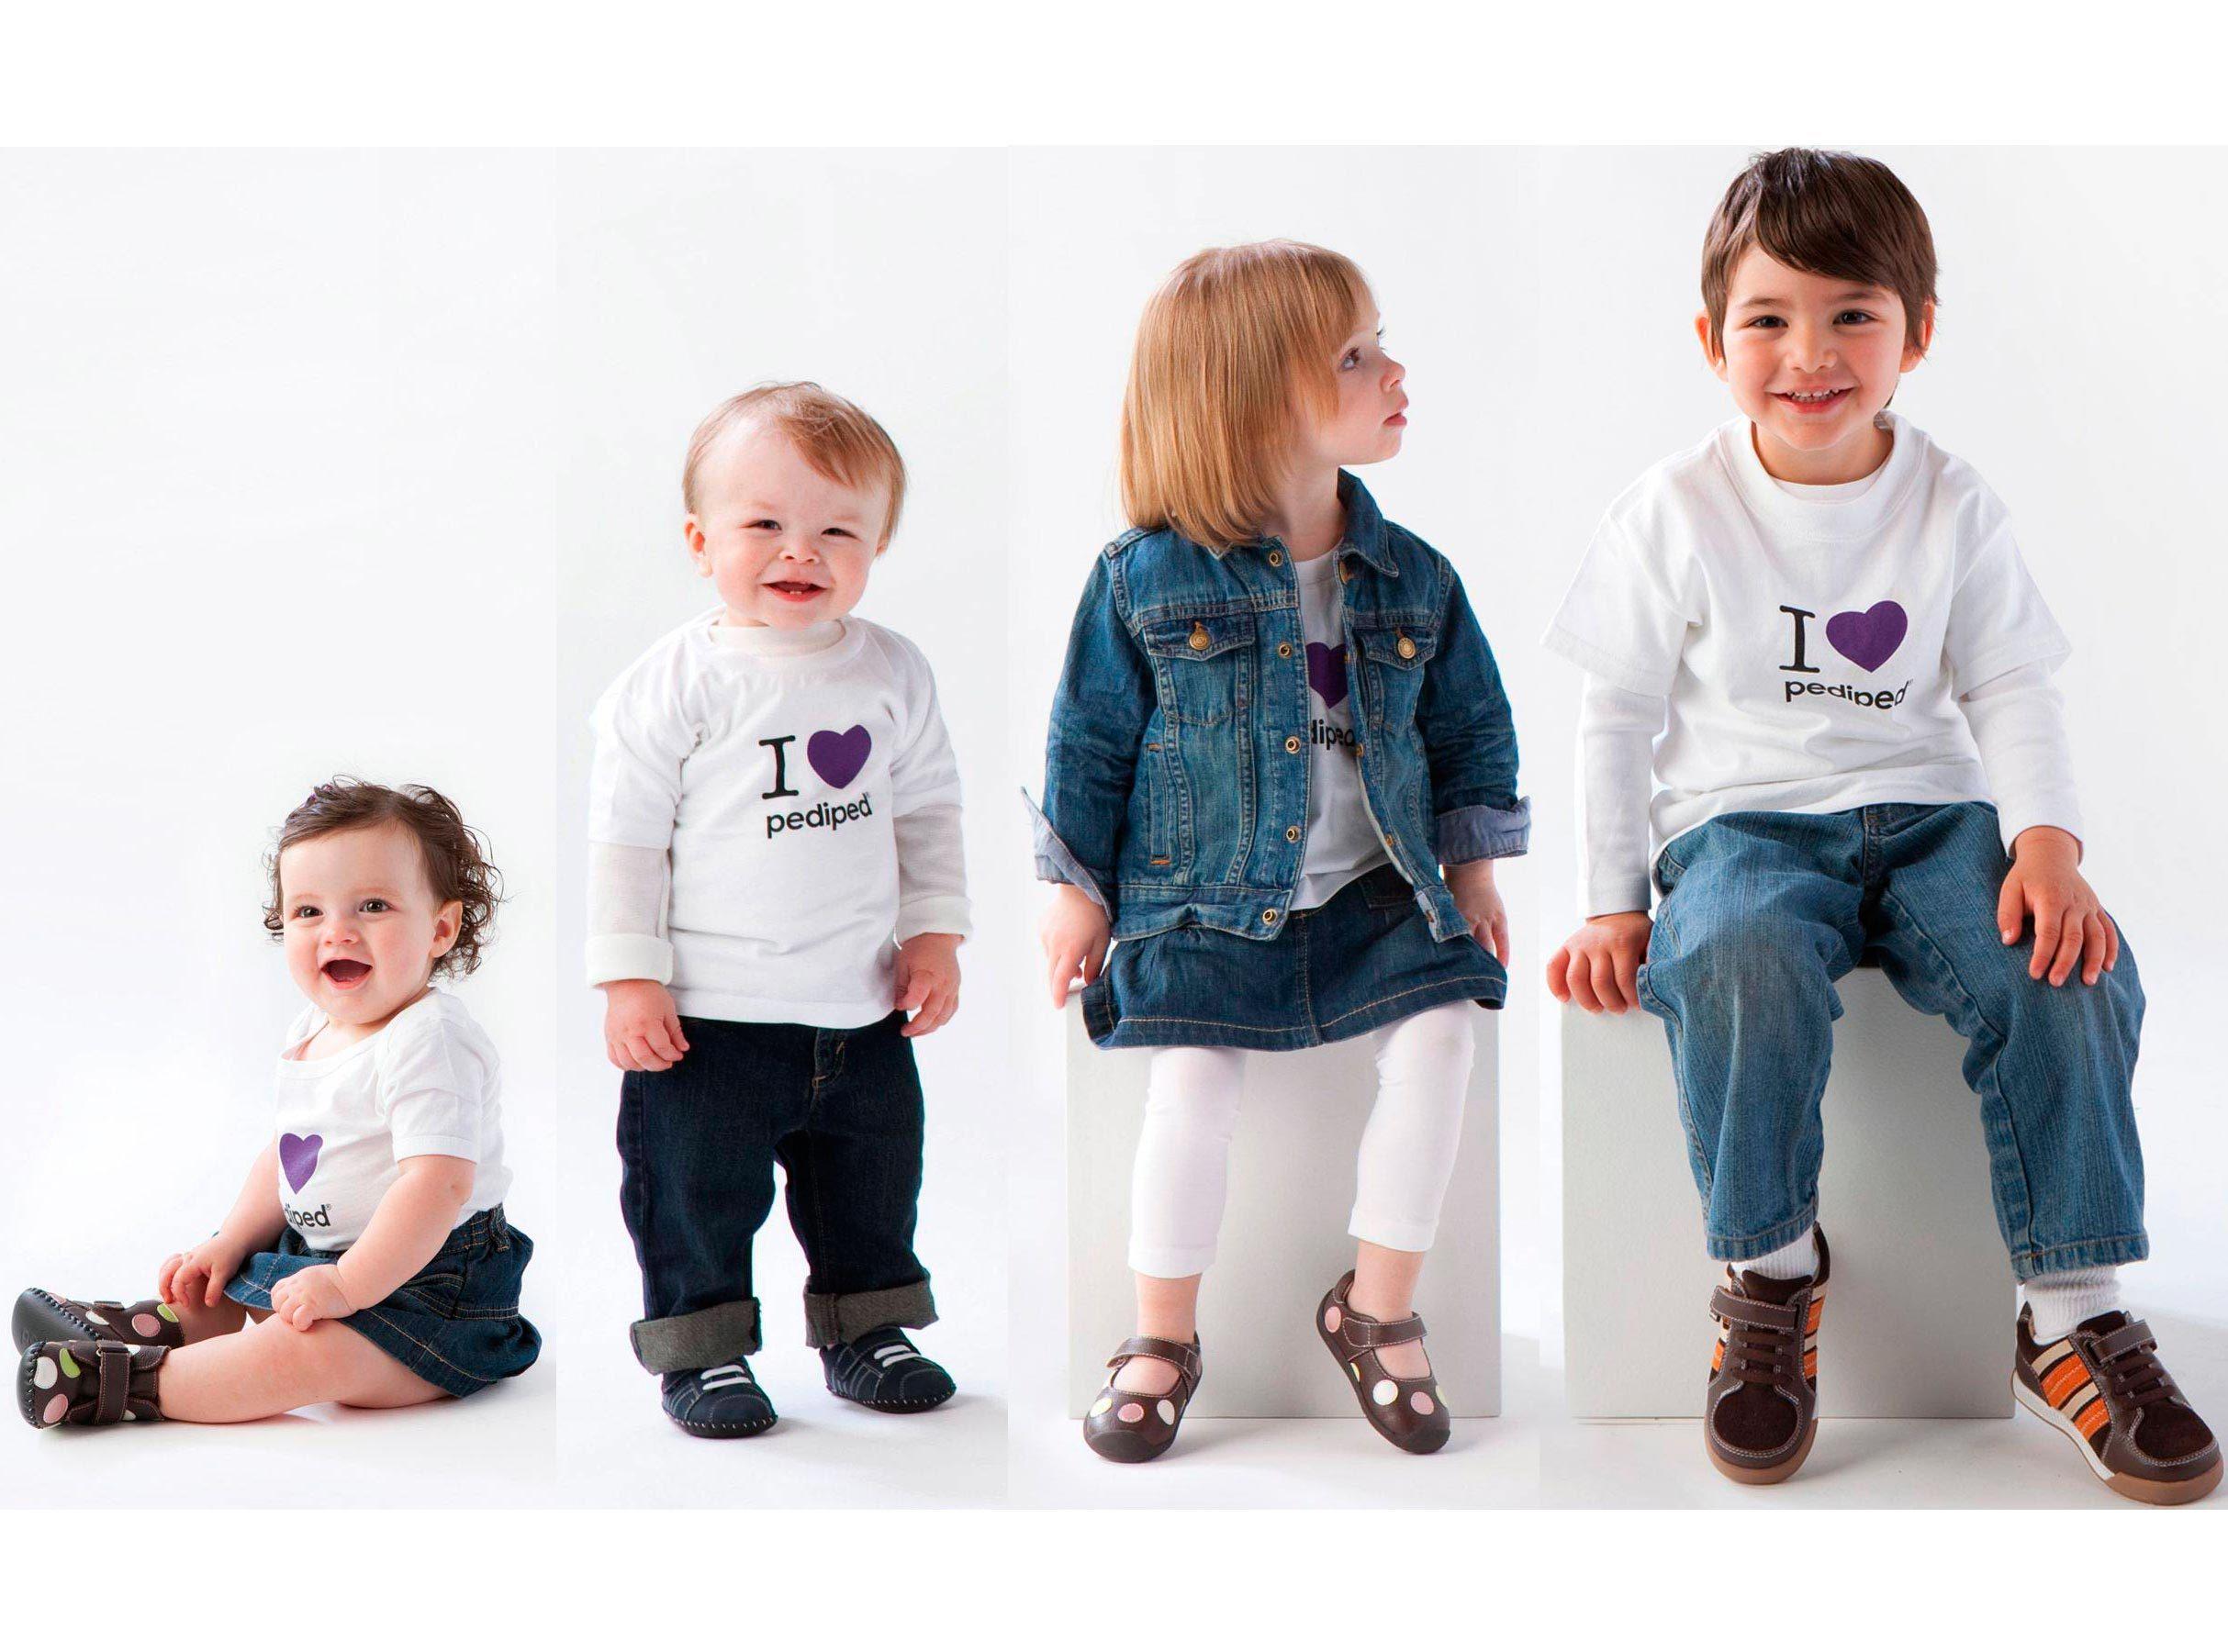 Картинки с детской одеждой рекламные, месяцами